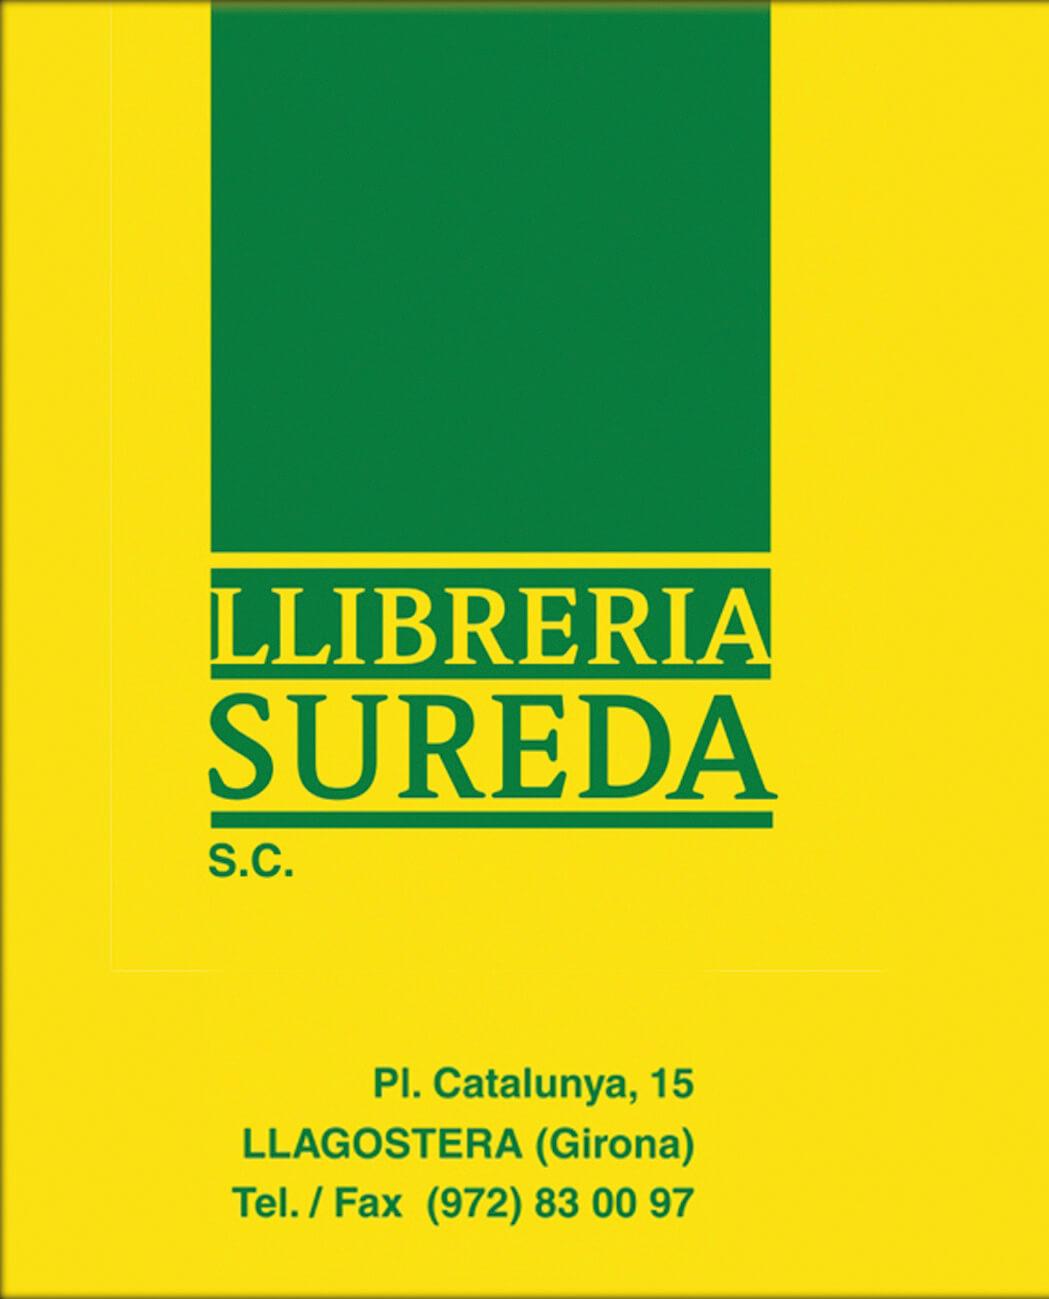 Llibreria Sureda